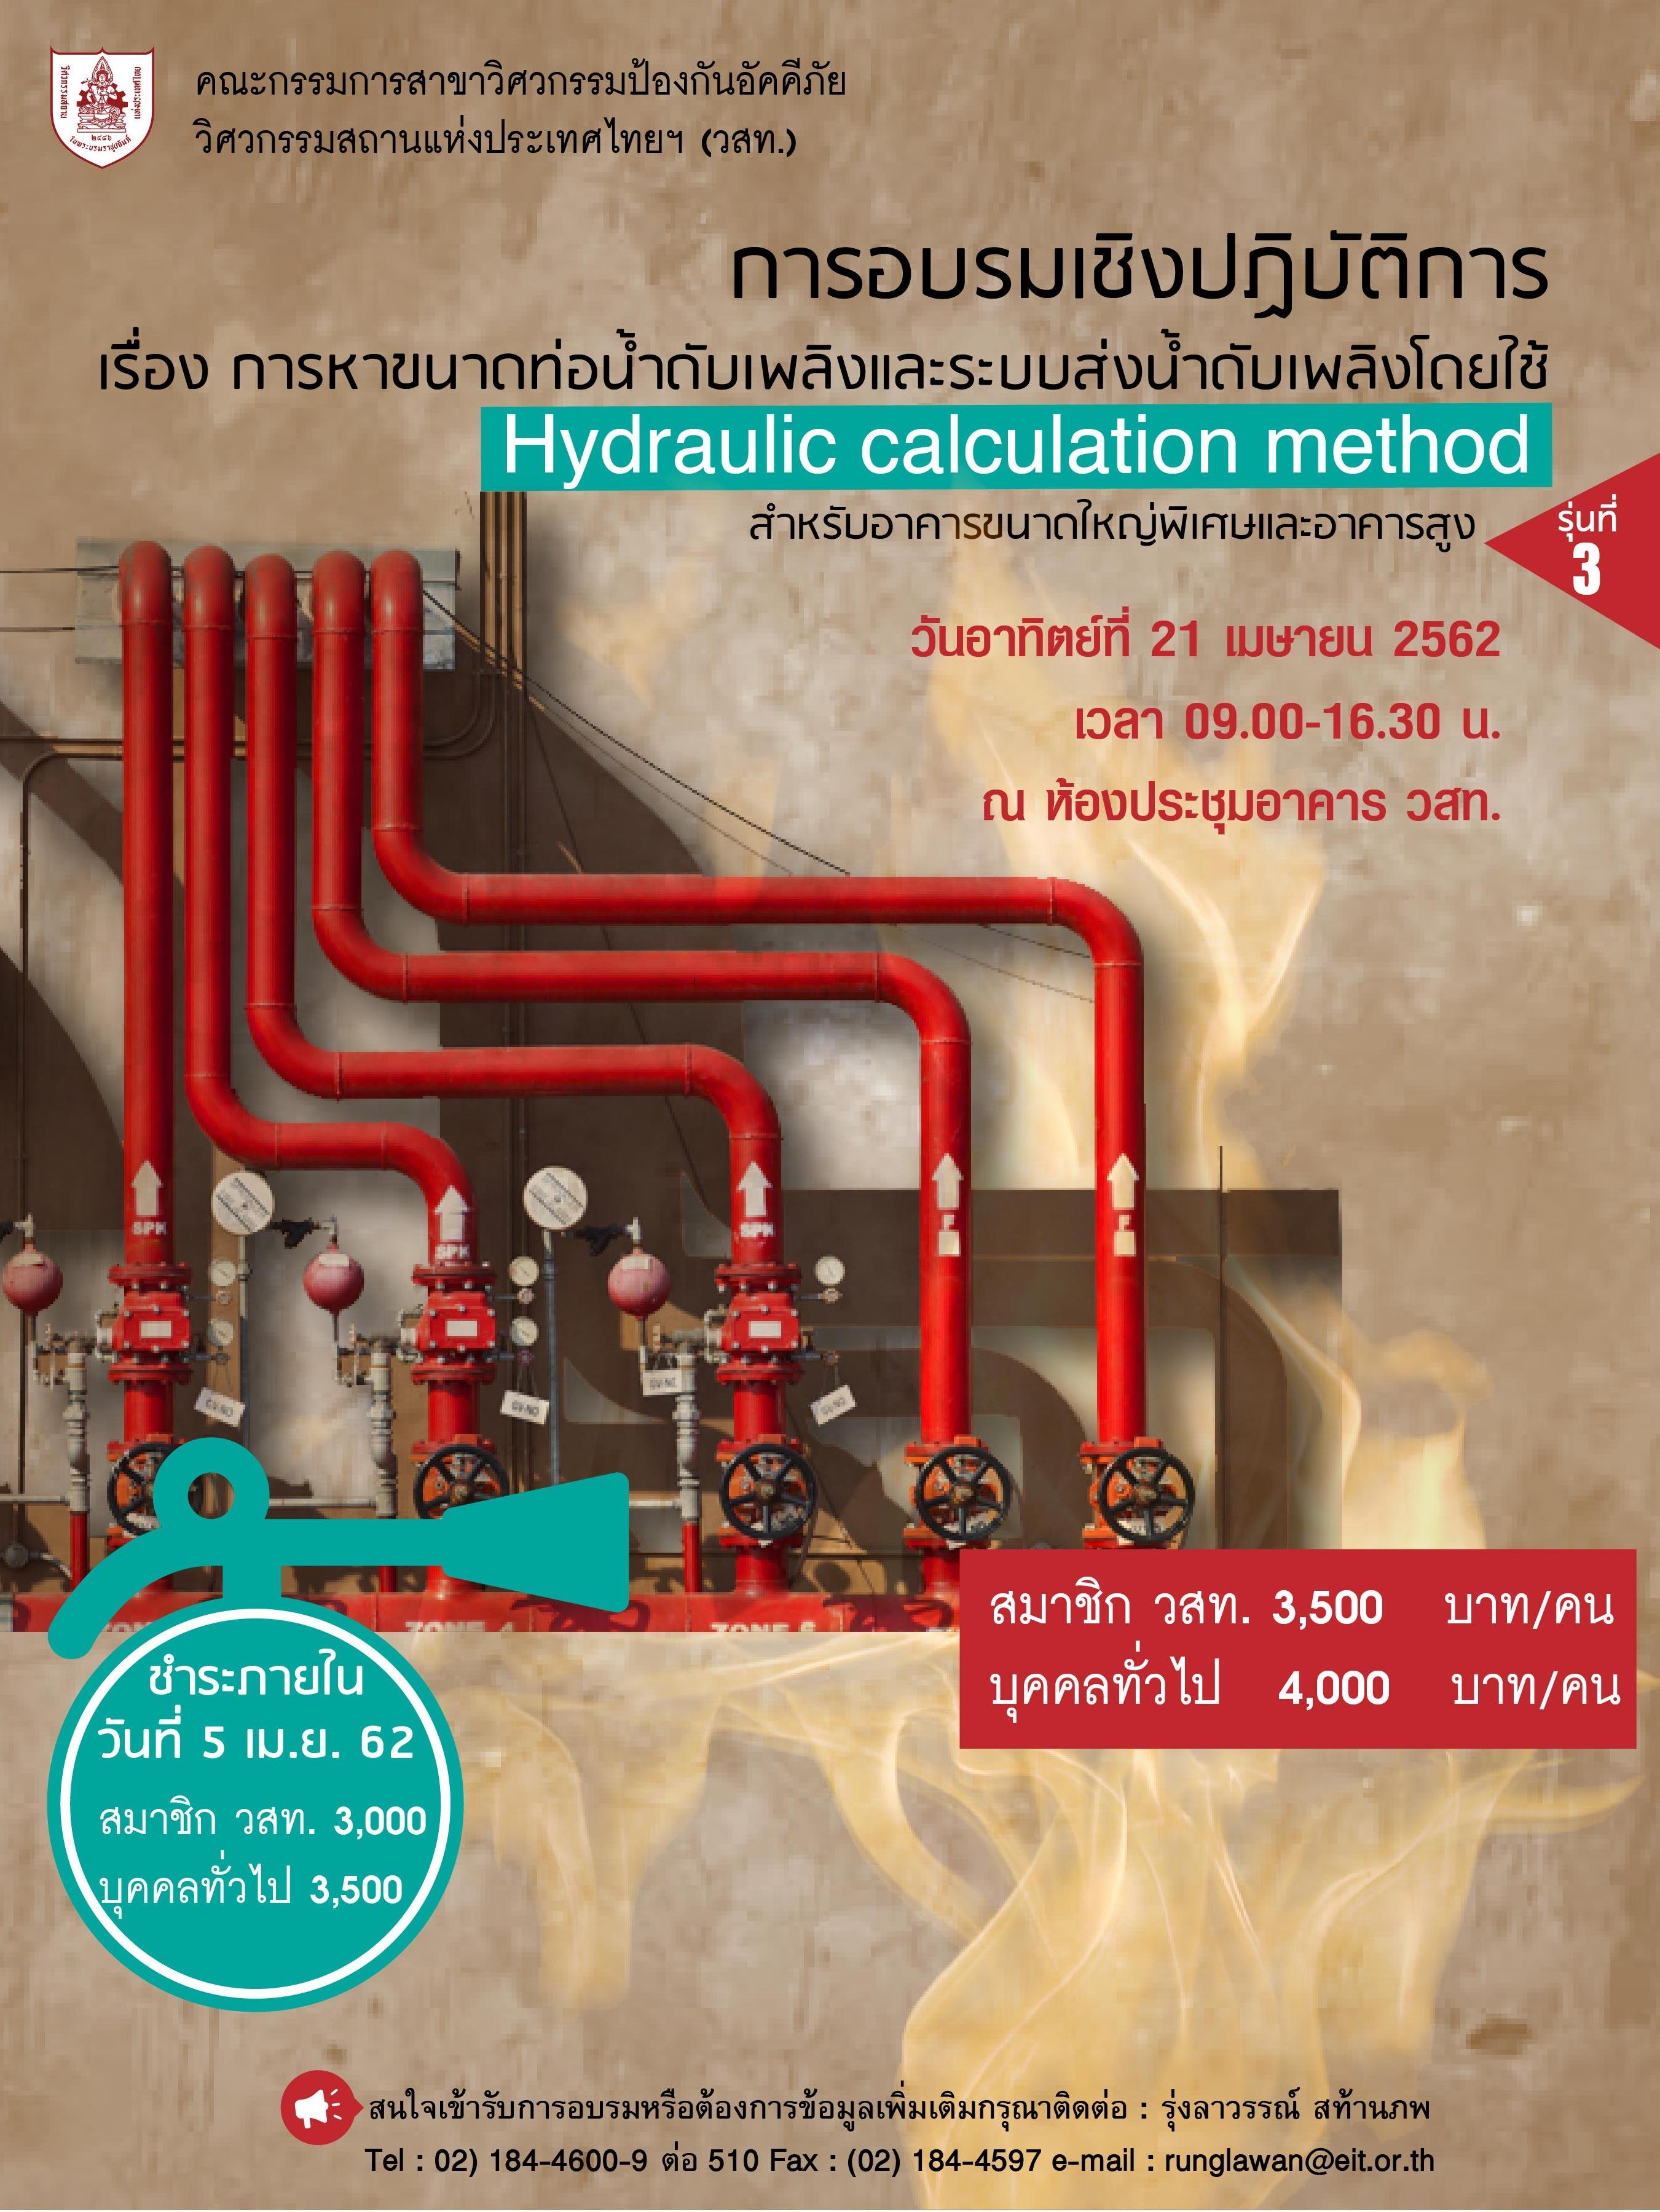 21/04/2562 การอบรมเชิงปฏิบัติการเรื่อง การหาขนาดท่อน้ำดับเพลิงและระบบส่งน้ำดับเพลิงโดยใช้ Hydraulic calculation method  สำหรับอาคารขนาดใหญ่พิเศษและอาคารสูง รุ่นที่ 3